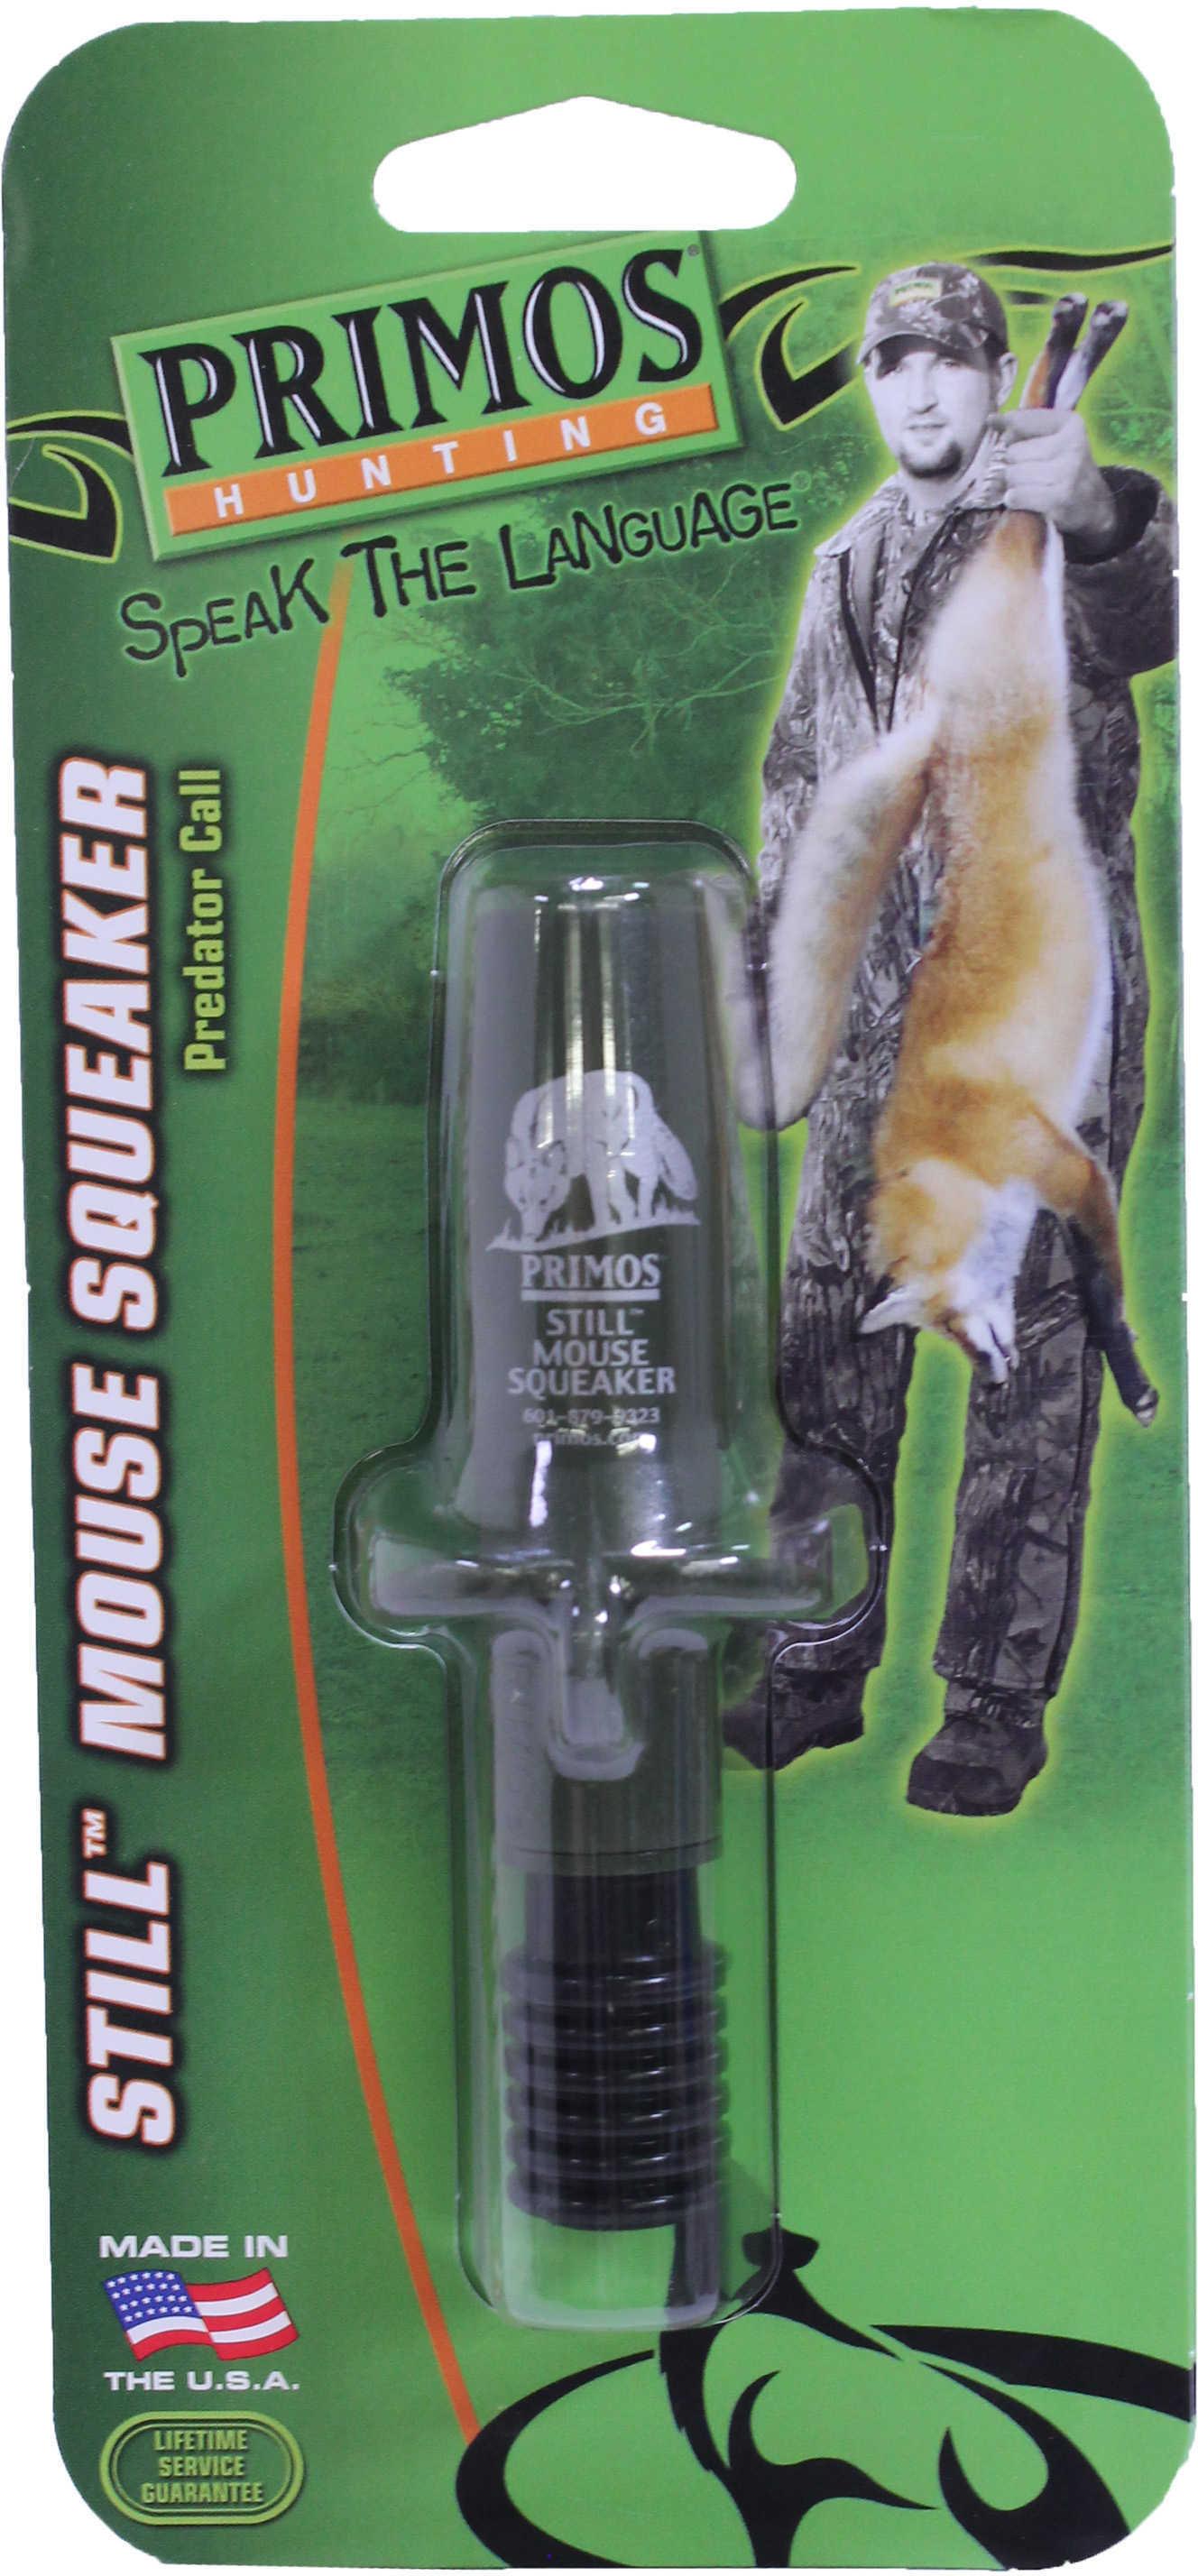 Primos Still Mouse Squeaker  Model: PS324